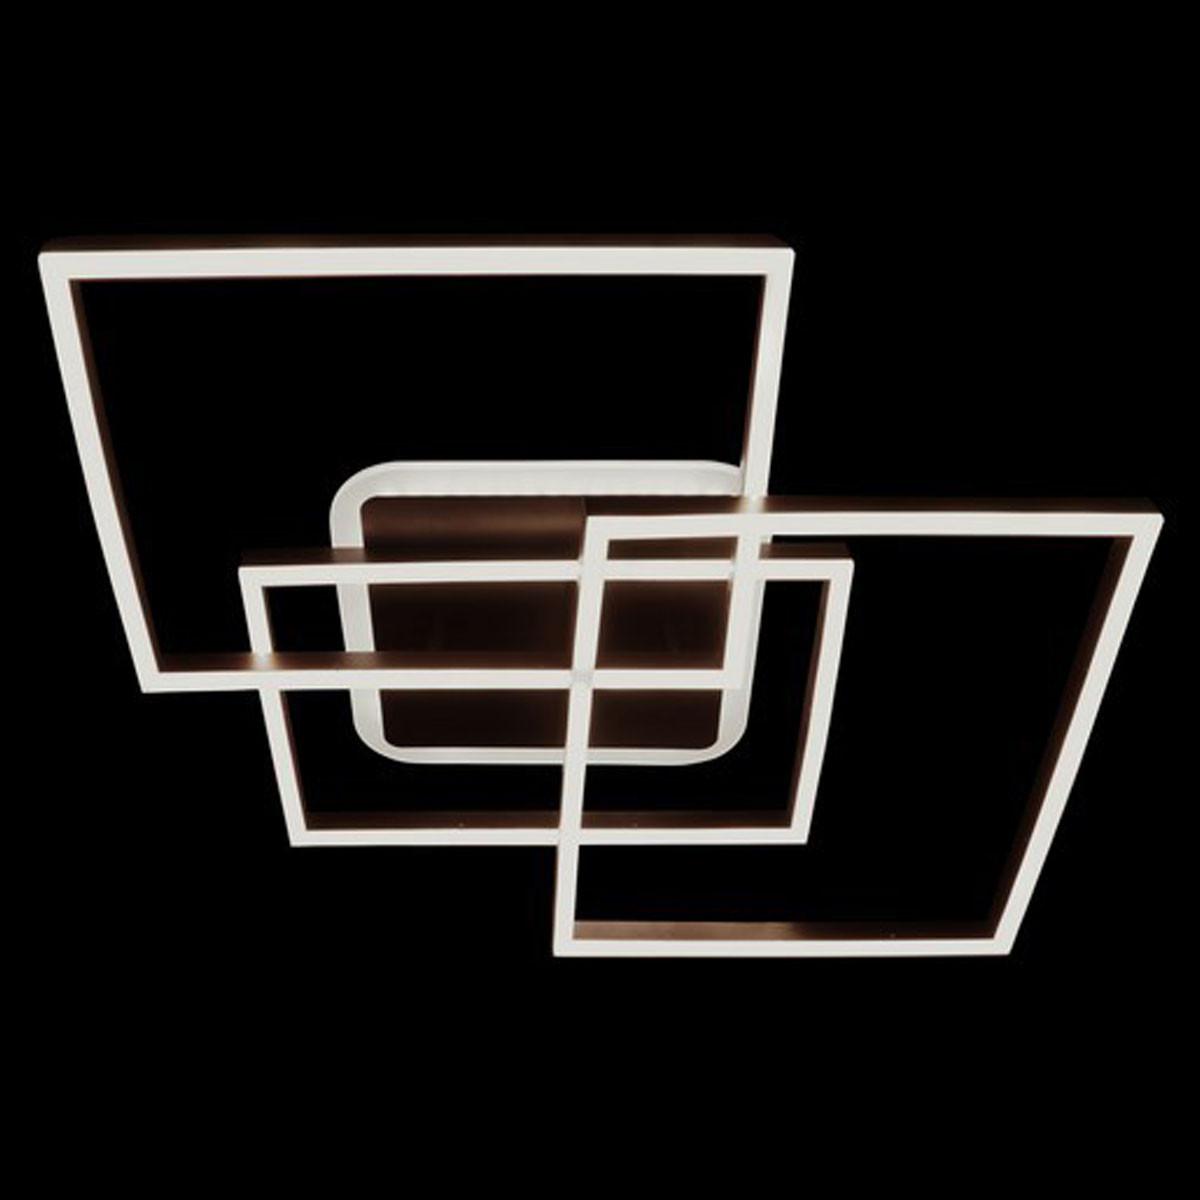 Лед люстра на пульте квадратная с димером цвета белый коричневый 140W Линия солнца&2001-3A